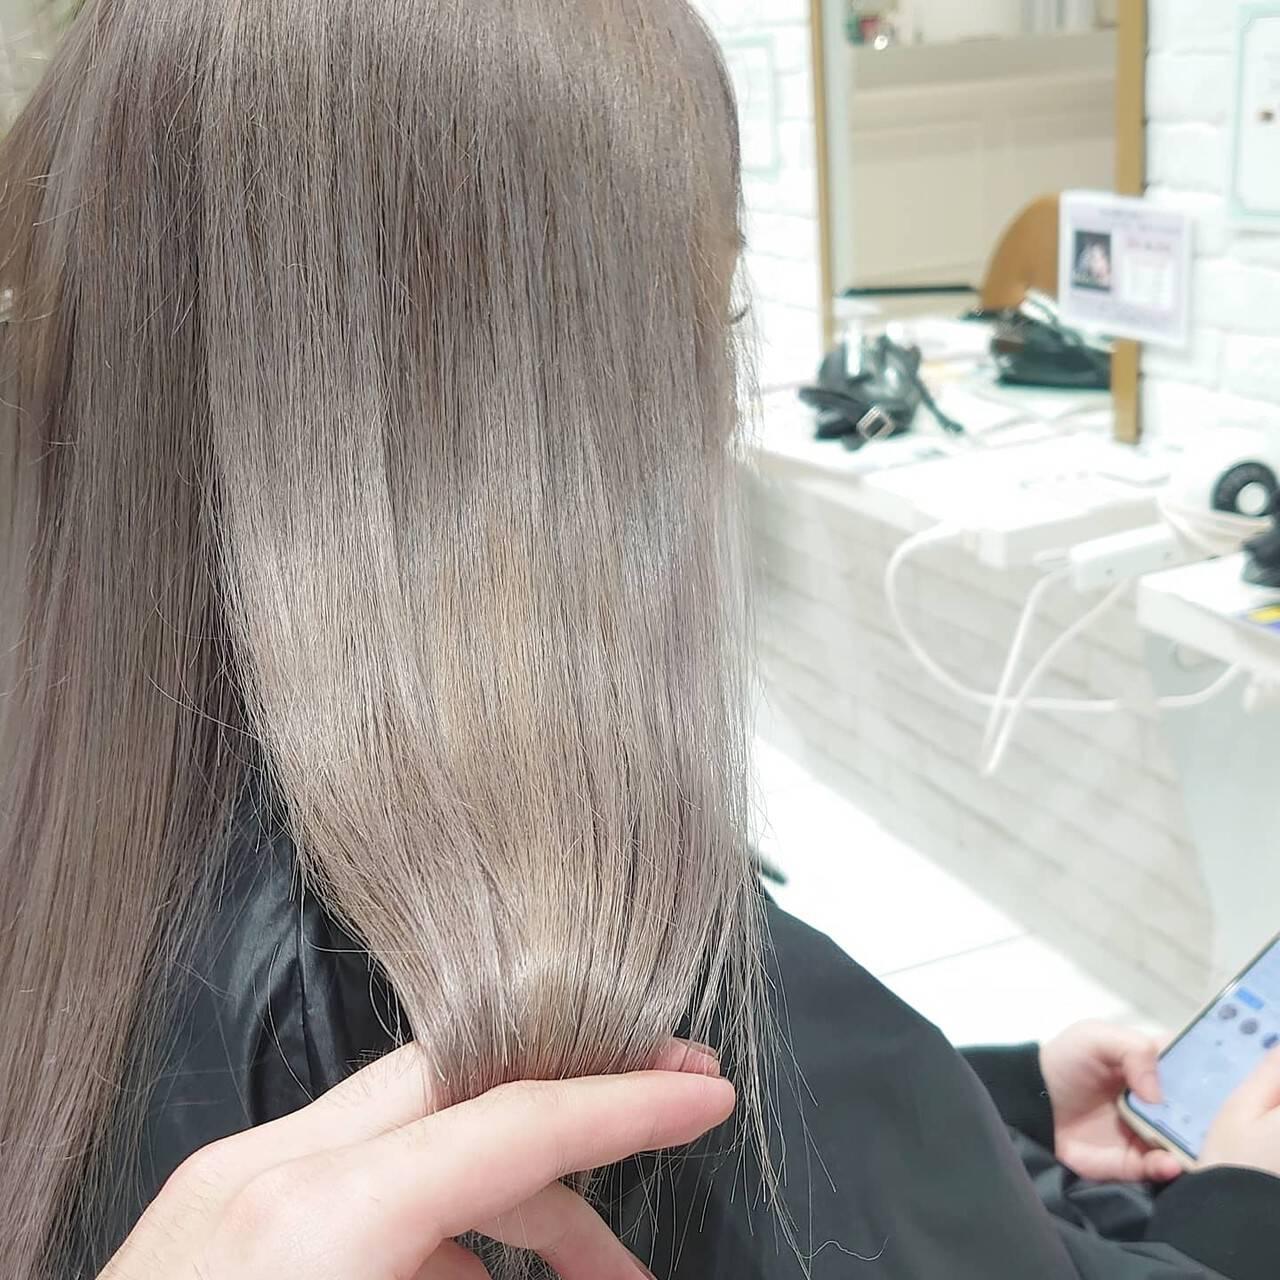 ハイトーンカラー フェミニン ブリーチカラー セミロングヘアスタイルや髪型の写真・画像